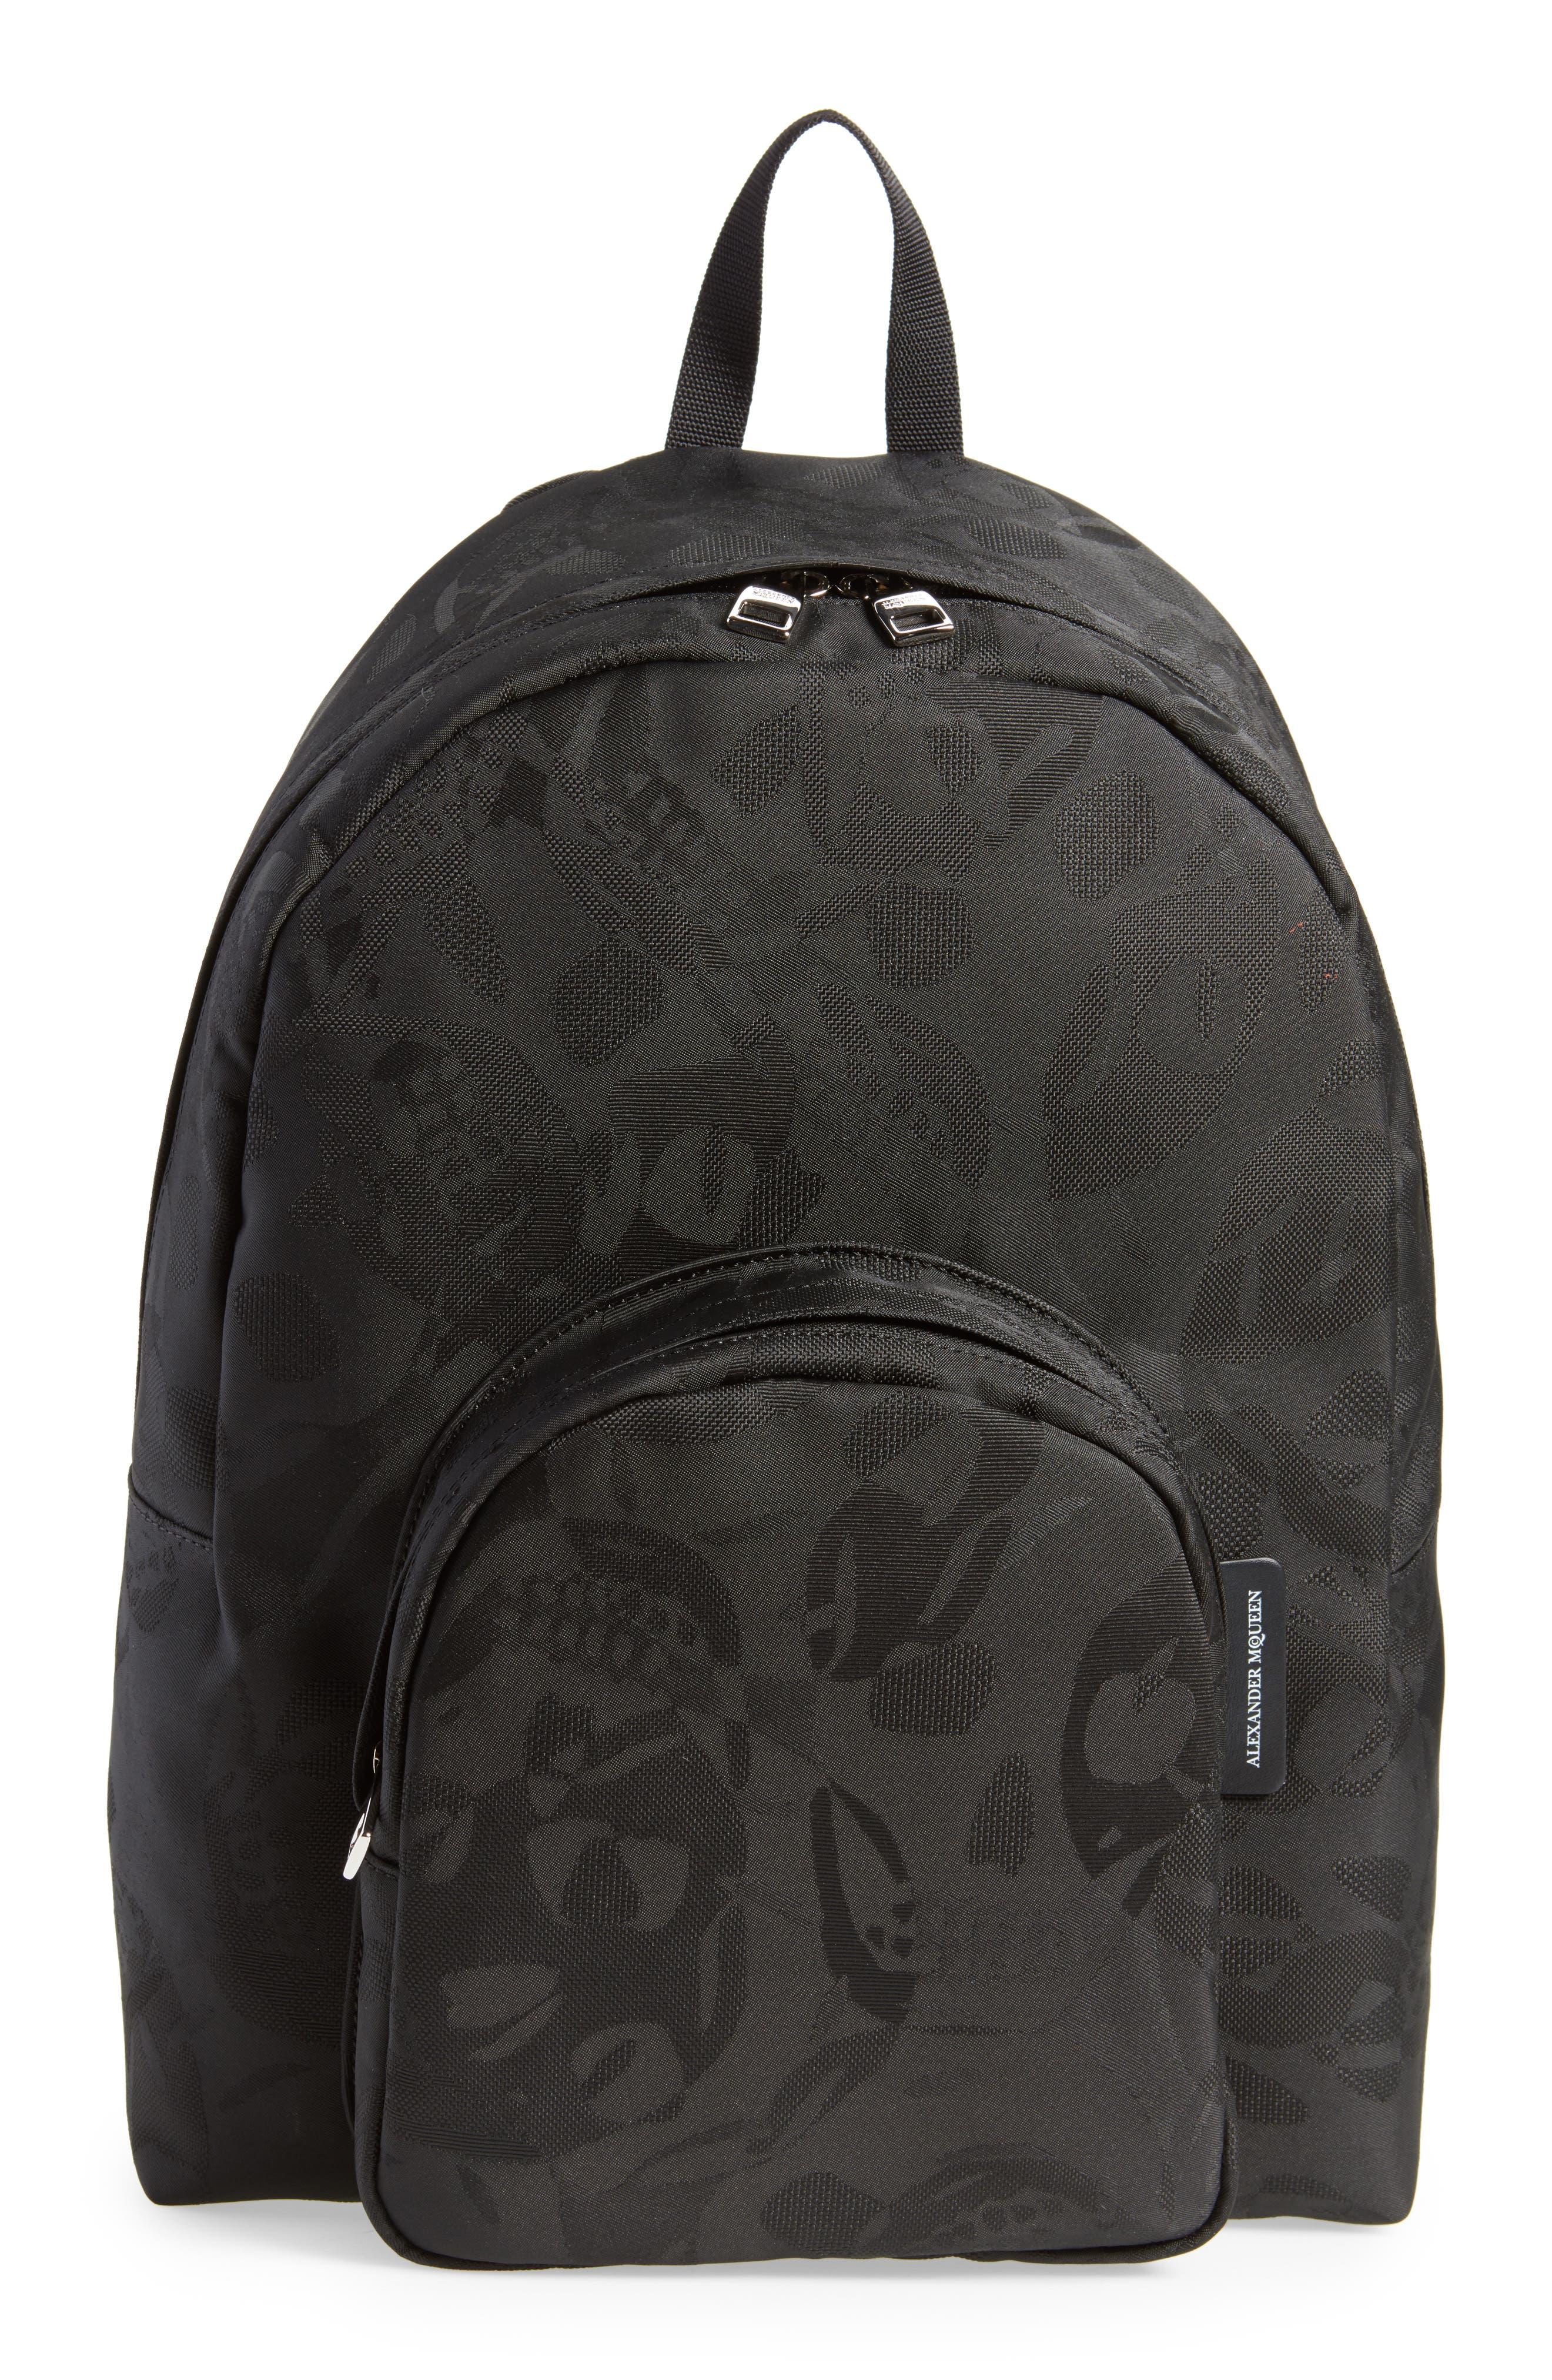 Small Backpack,                             Main thumbnail 1, color,                             001